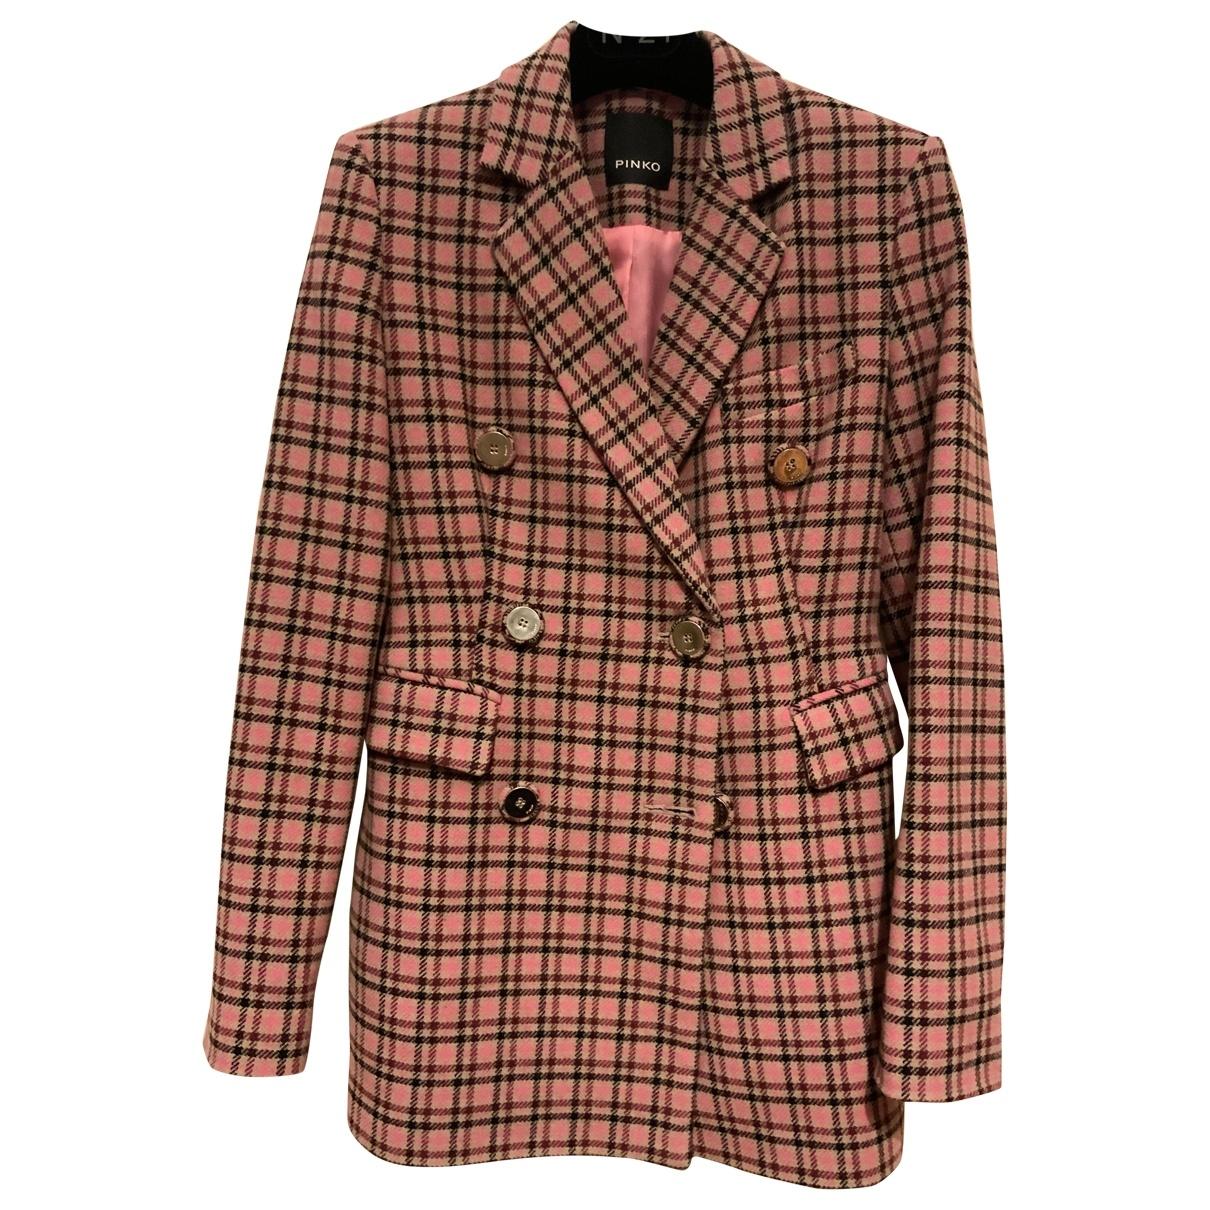 Pinko \N Wool jacket for Women 40 IT